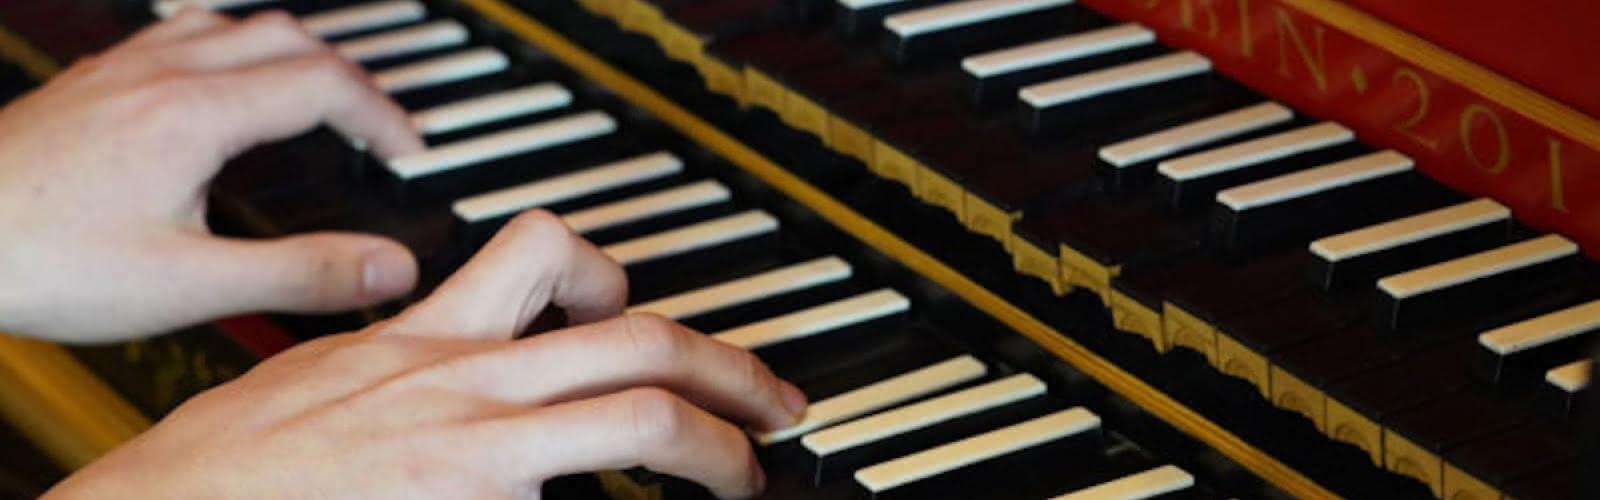 Concert-rencontre : autour du clavecin